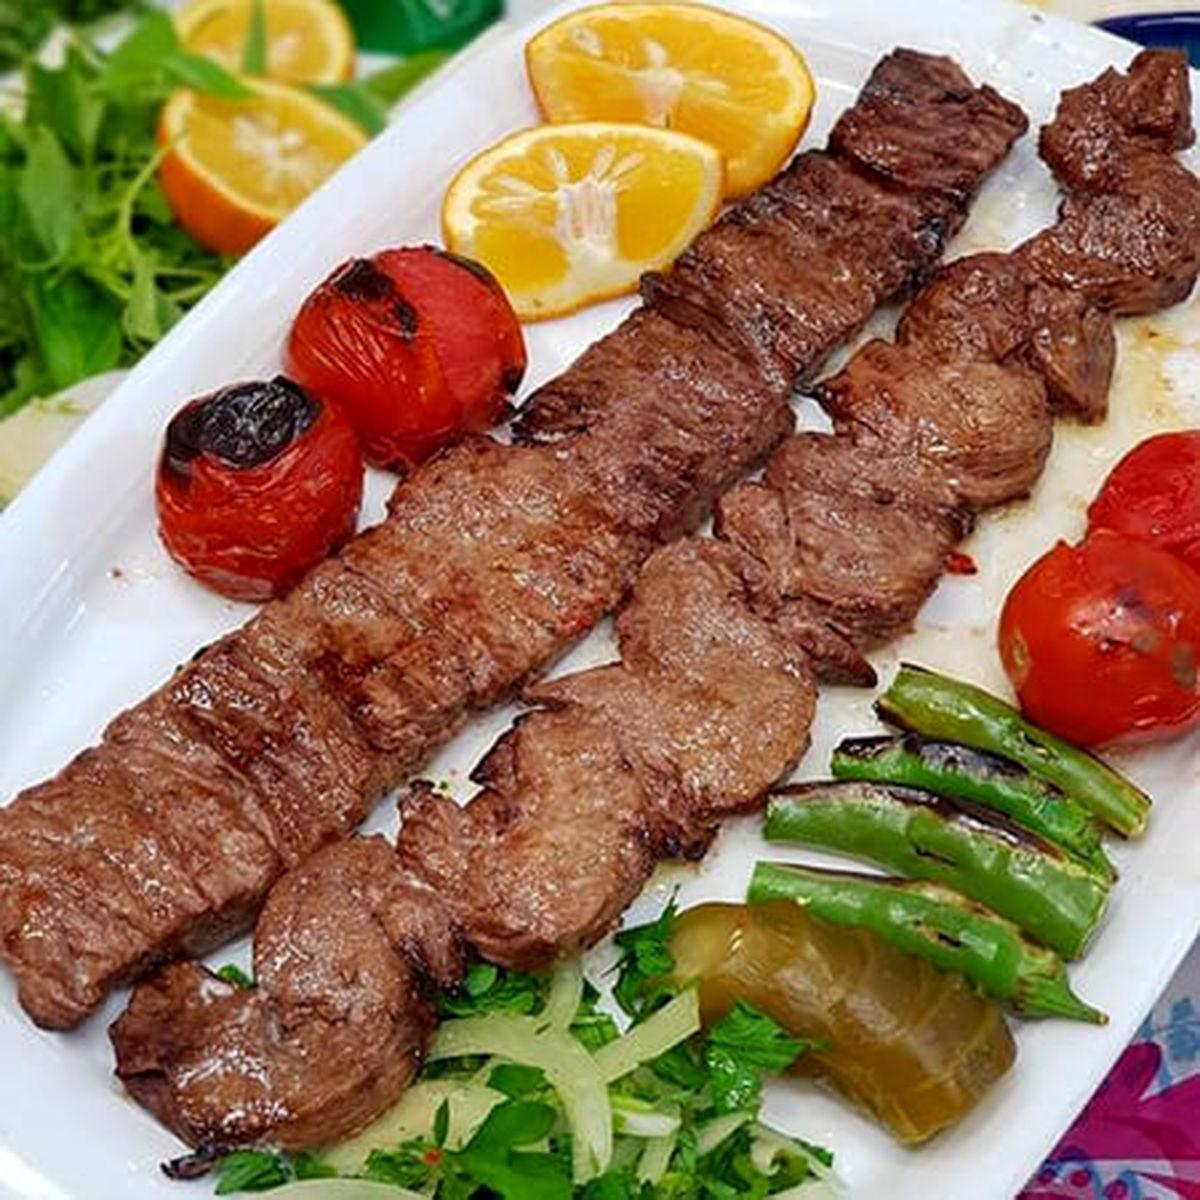 آخرین قیمت گوشت  با حذف مصرف گوشت چه اتفاقی در بدن میافتد؟